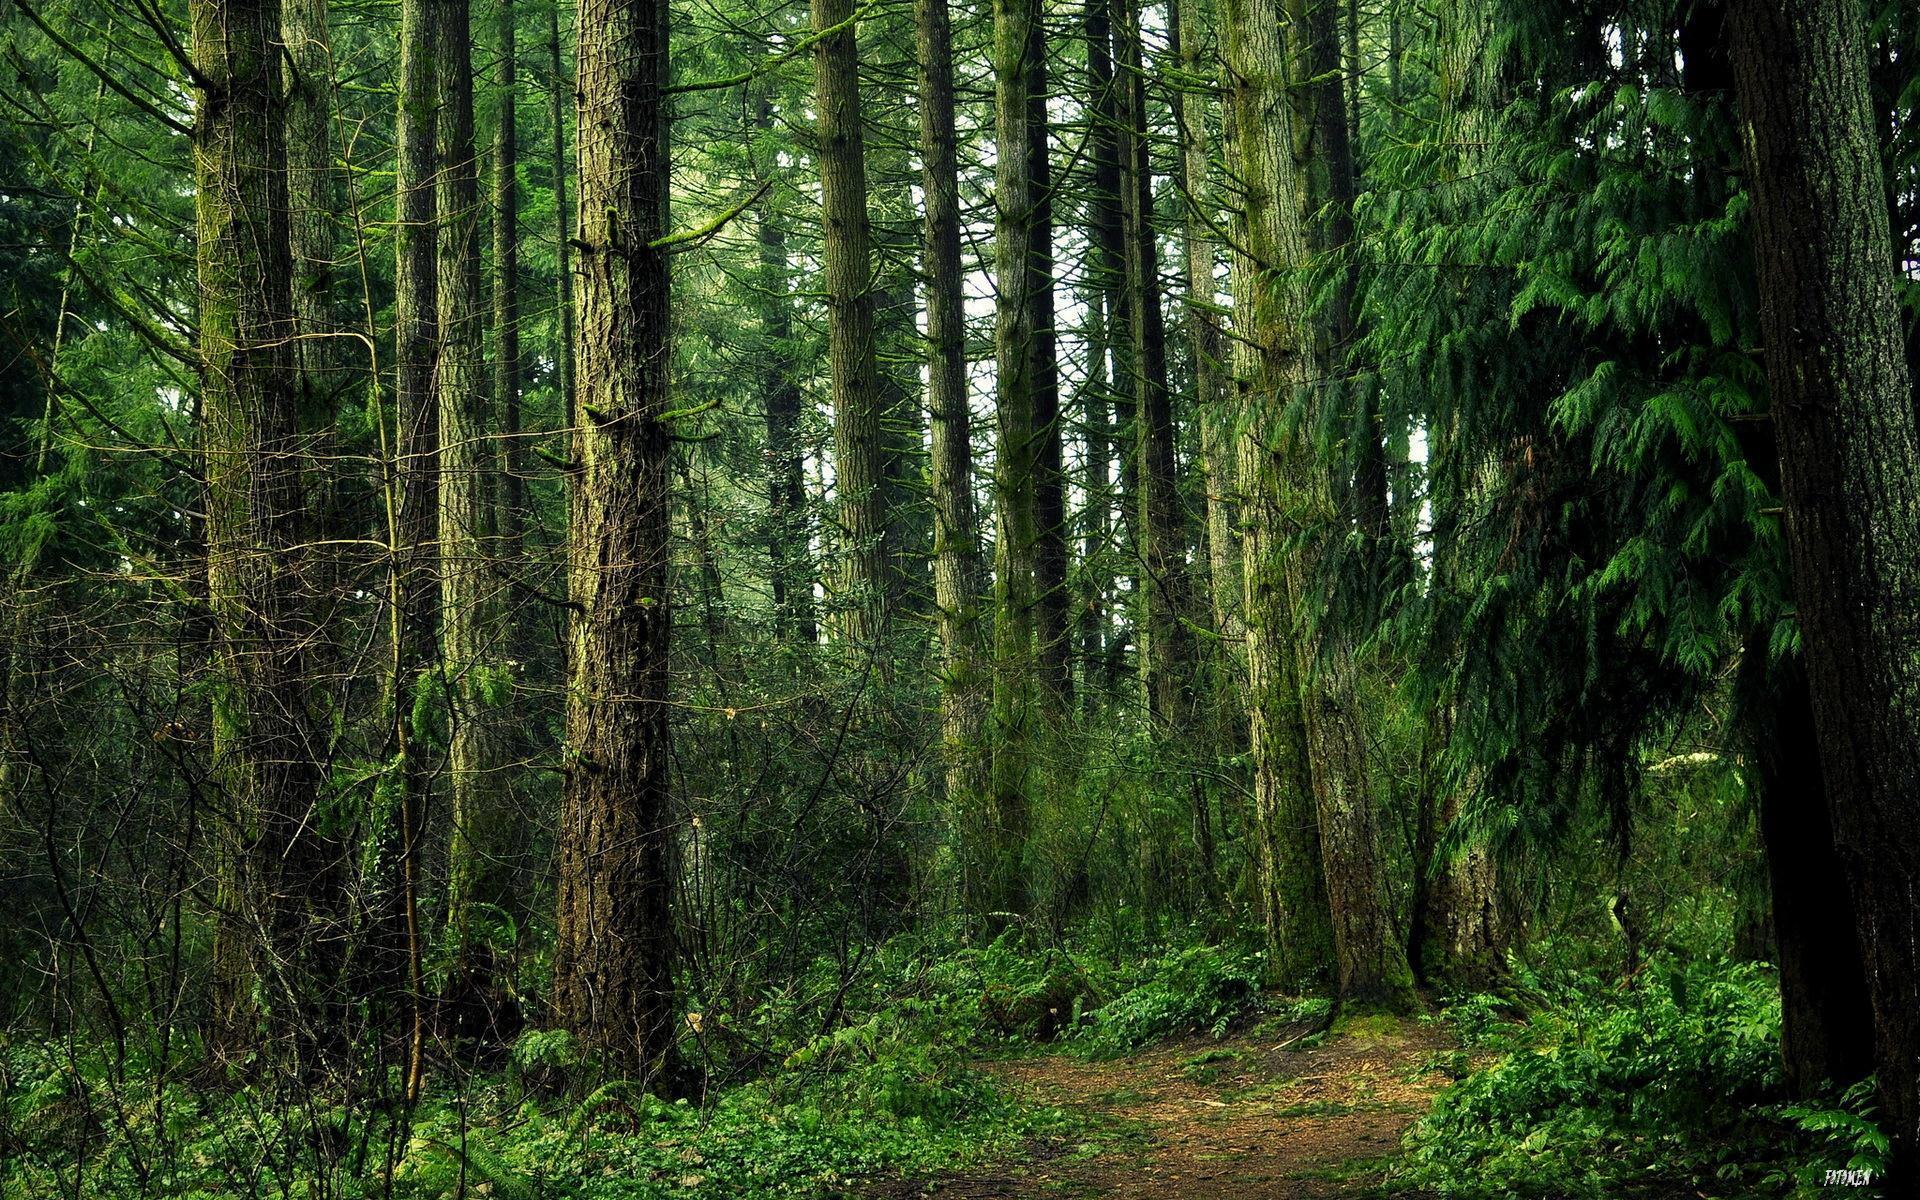 Картинка с лесом для фотошопа